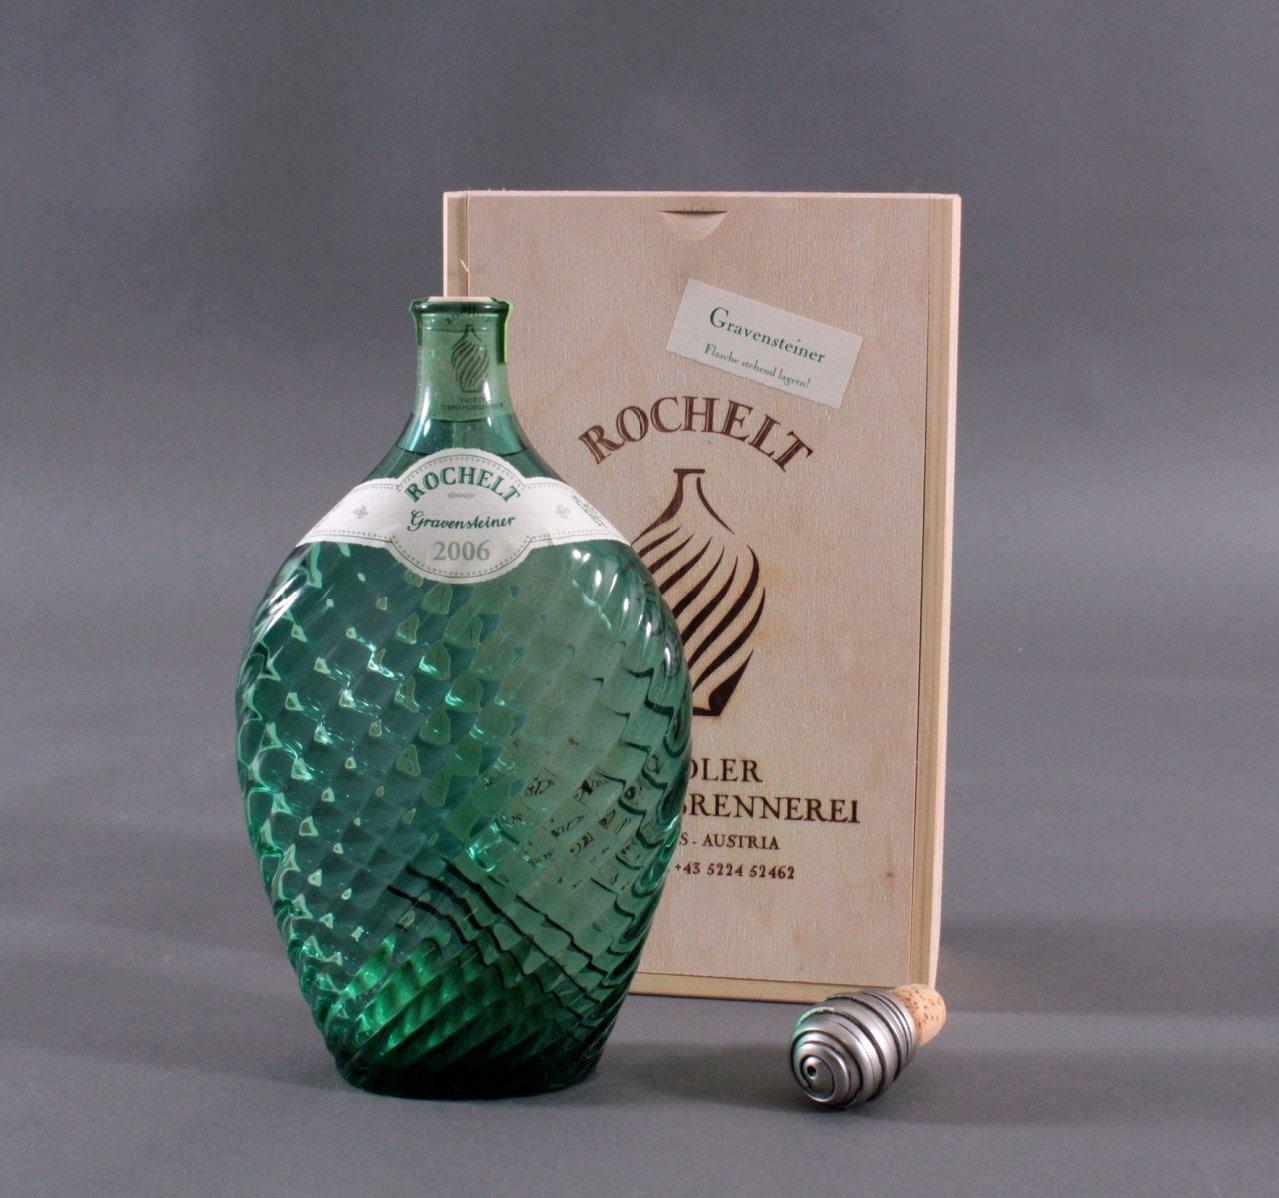 Spirituose, Rochelt Gravensteiner, 59% vol.,2006